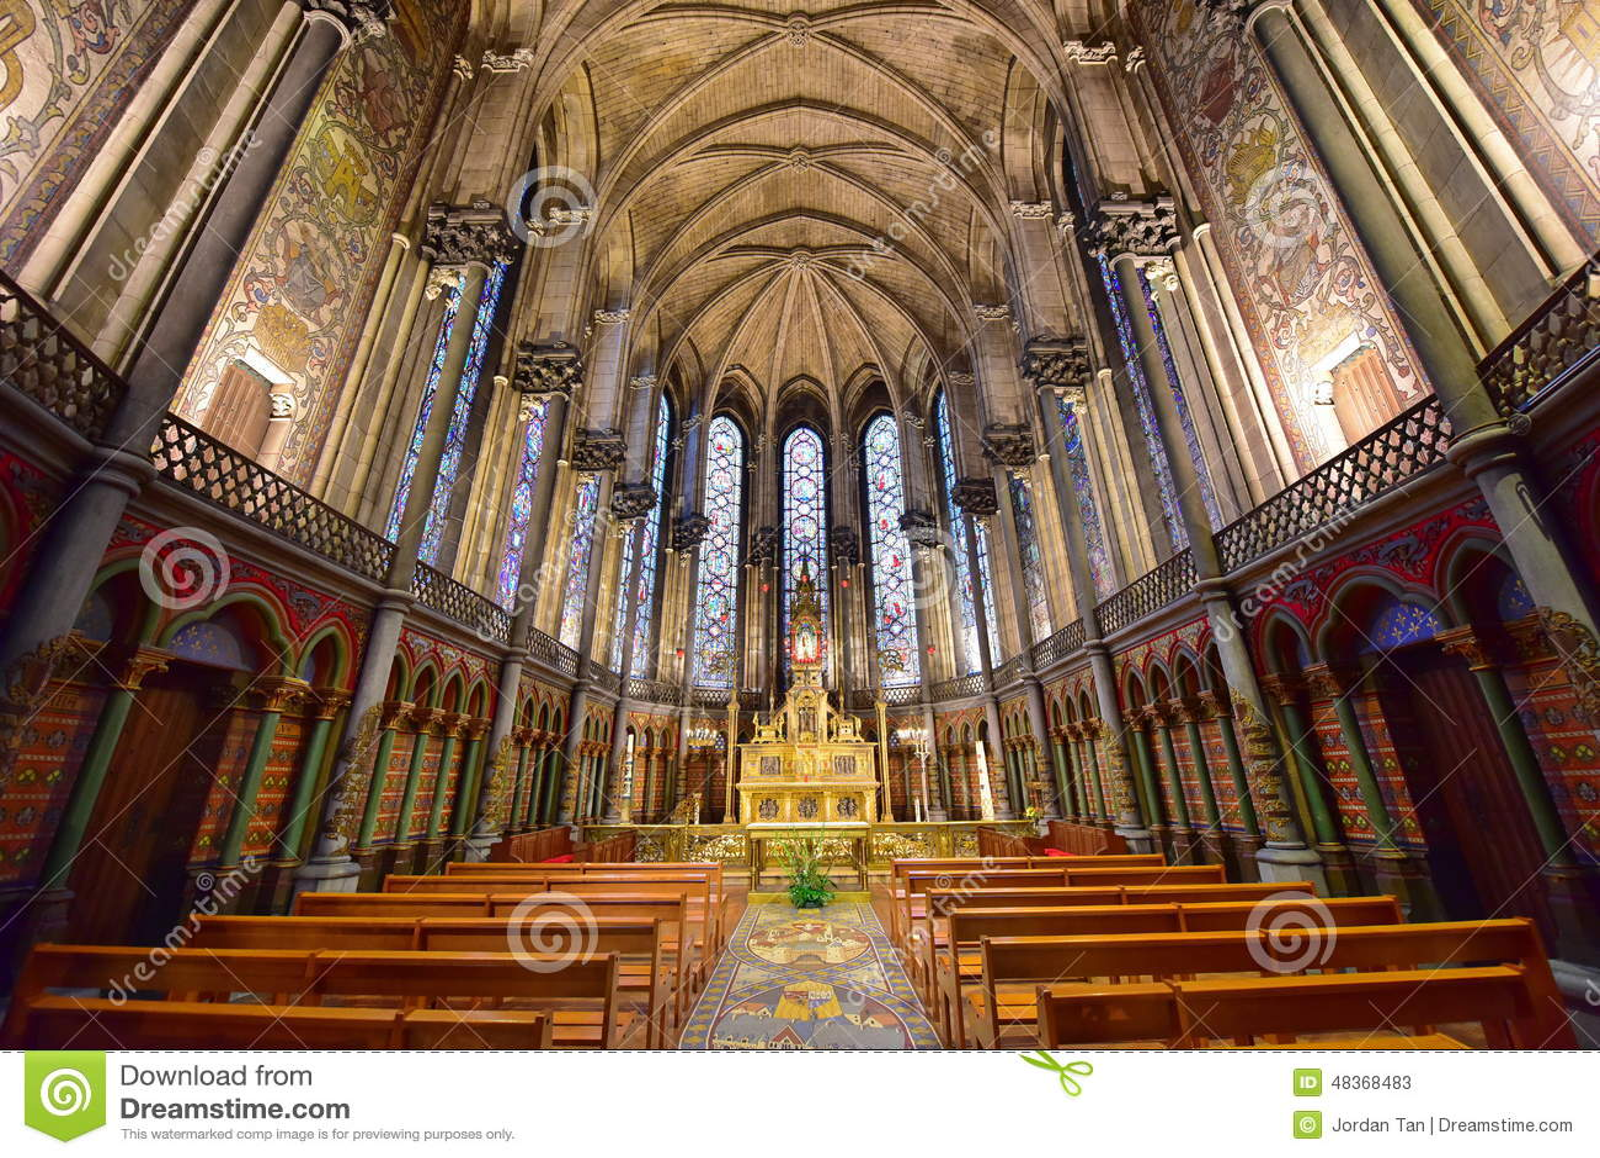 Bel int rieur de la basilique de notre dame de la treille photo stock ditorial image 48368483 - Eglise notre dame de la treille lille ...